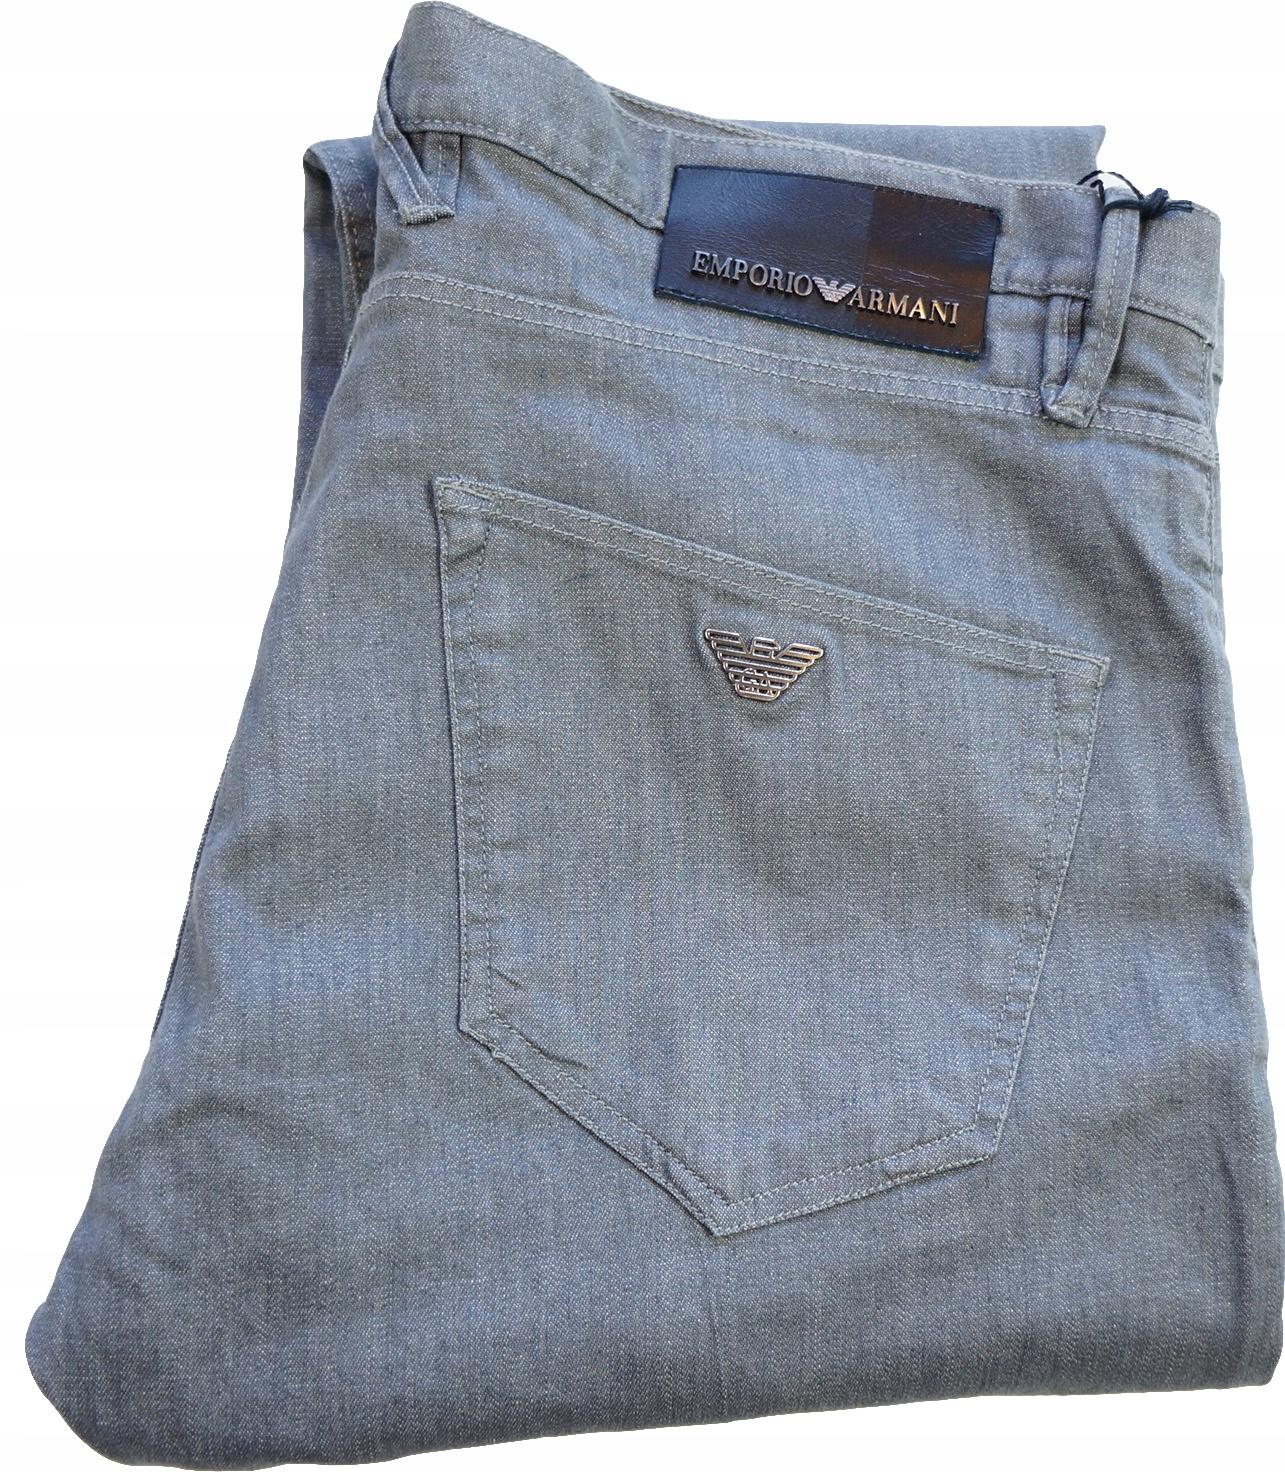 ARMANI spodnie 33 (Pas 98cm) Oryginał 100%!